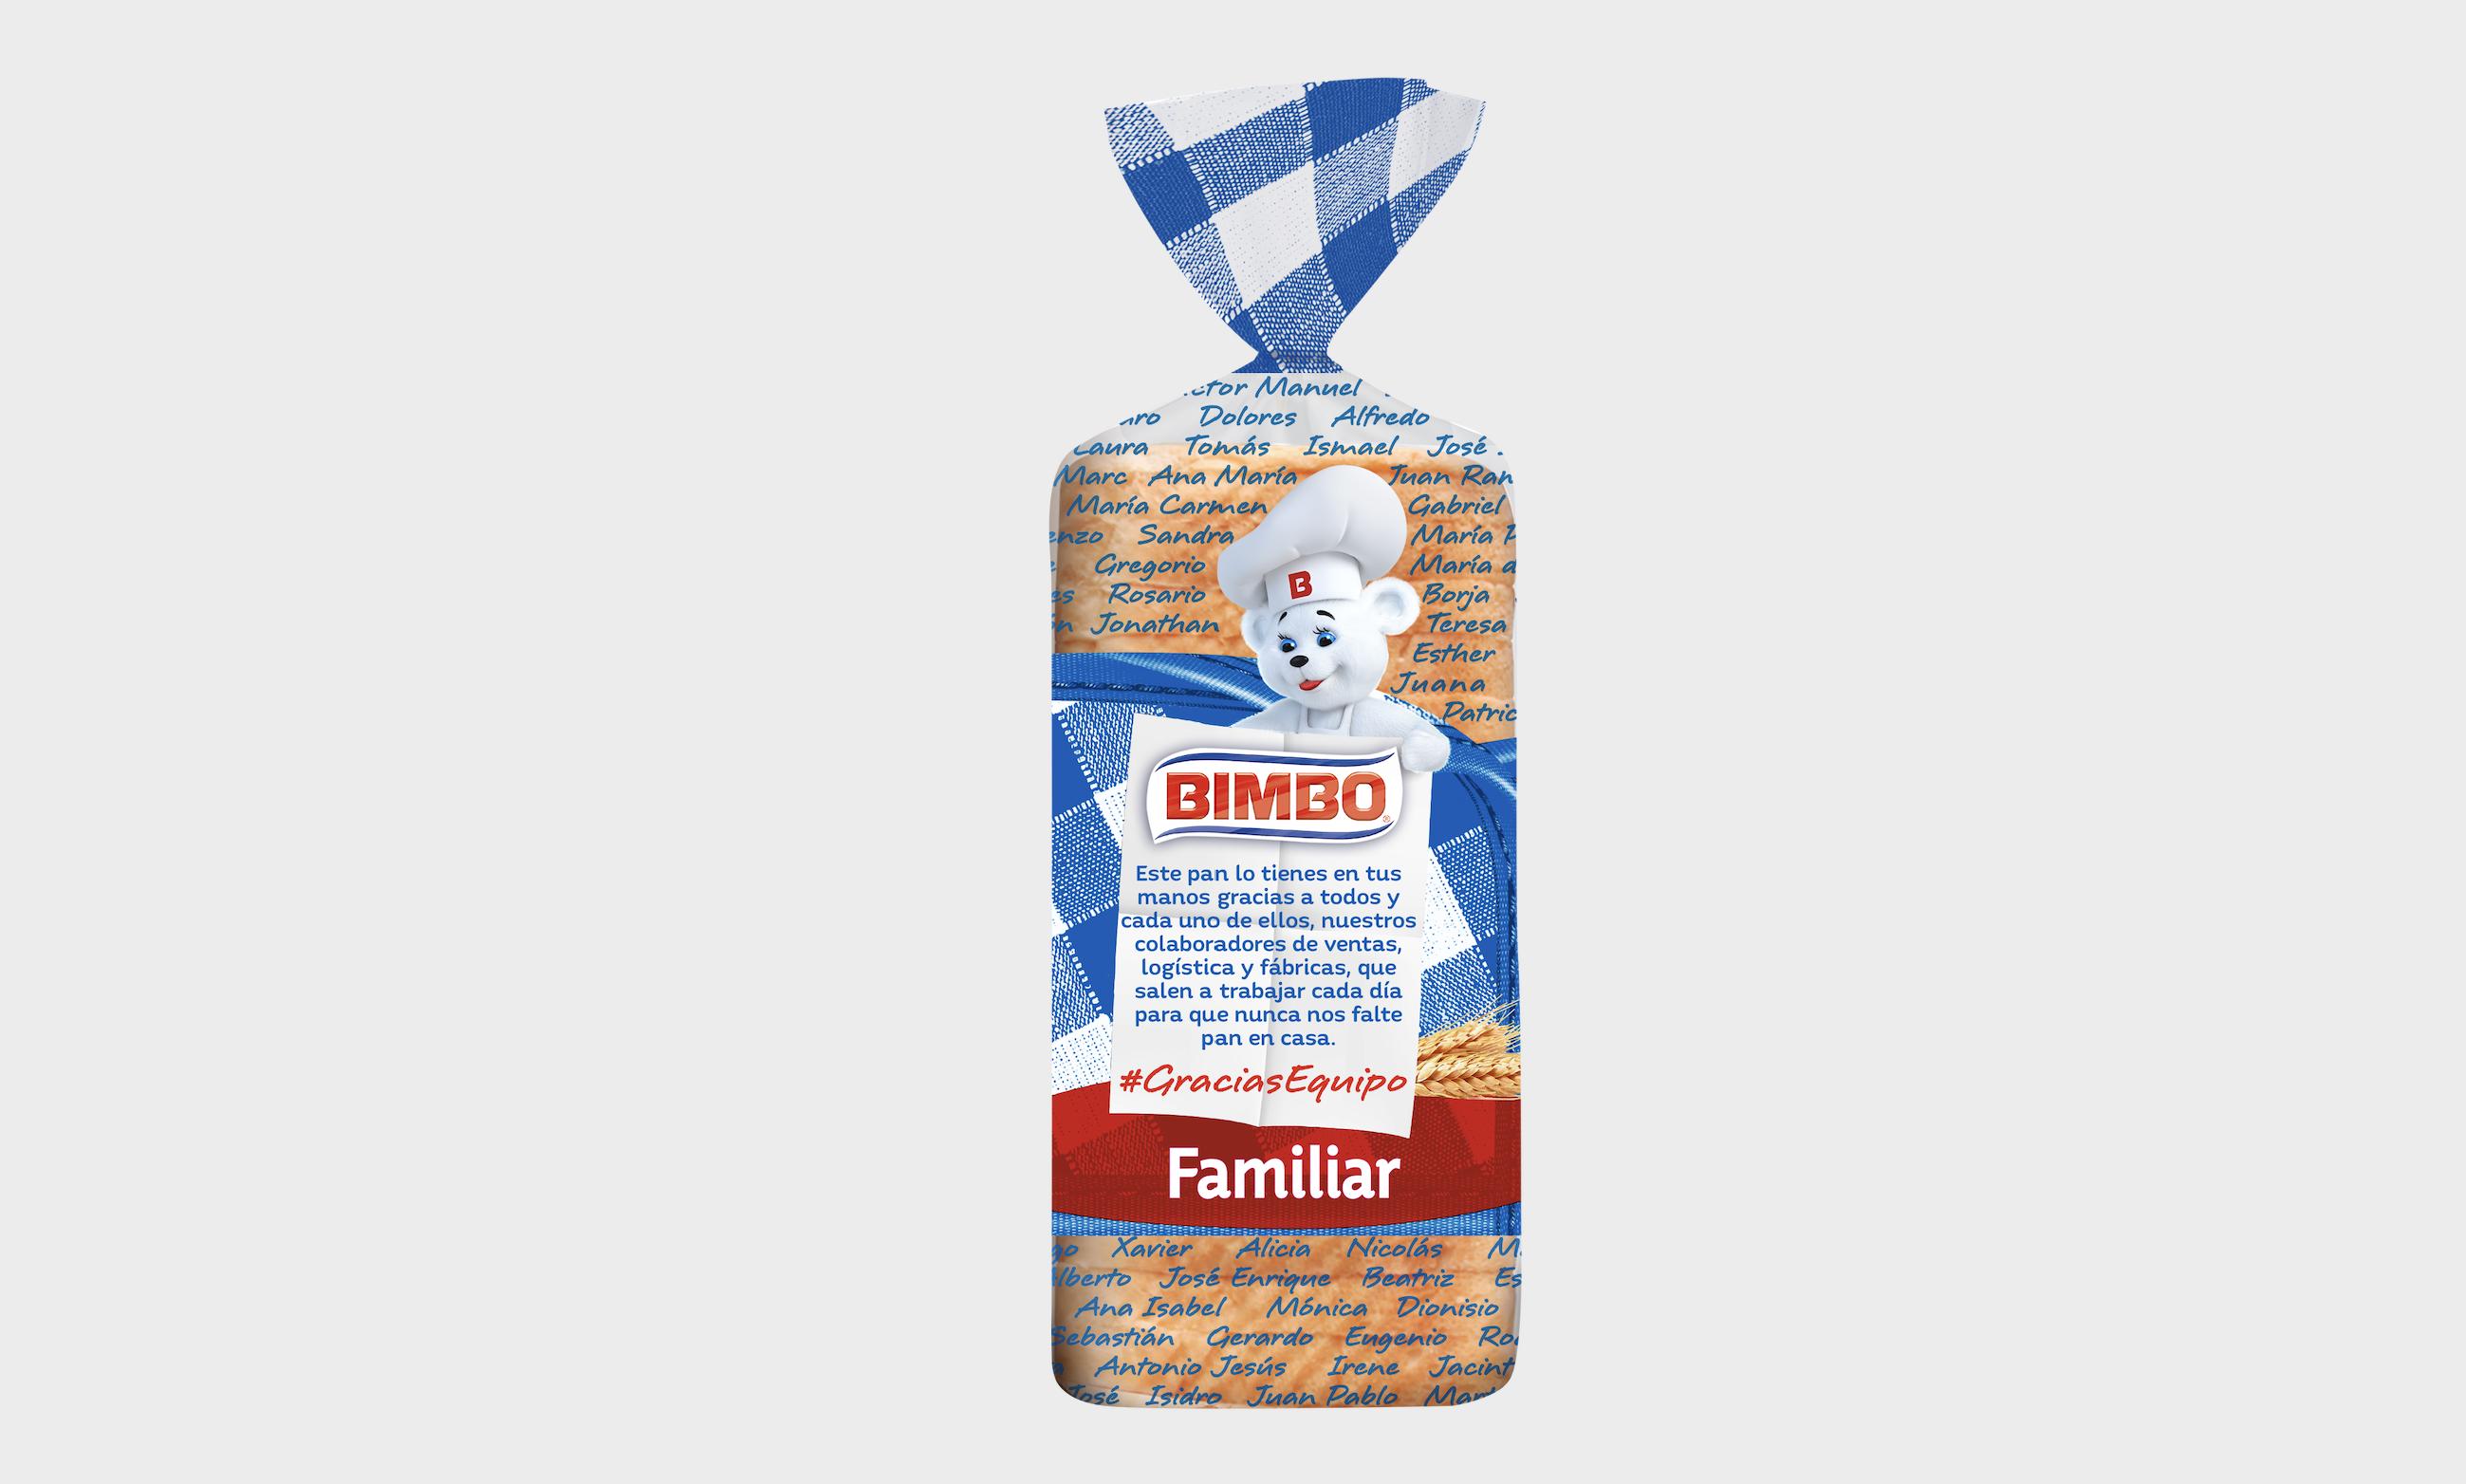 La edición especial de Bimbo por la crisis sanitaria